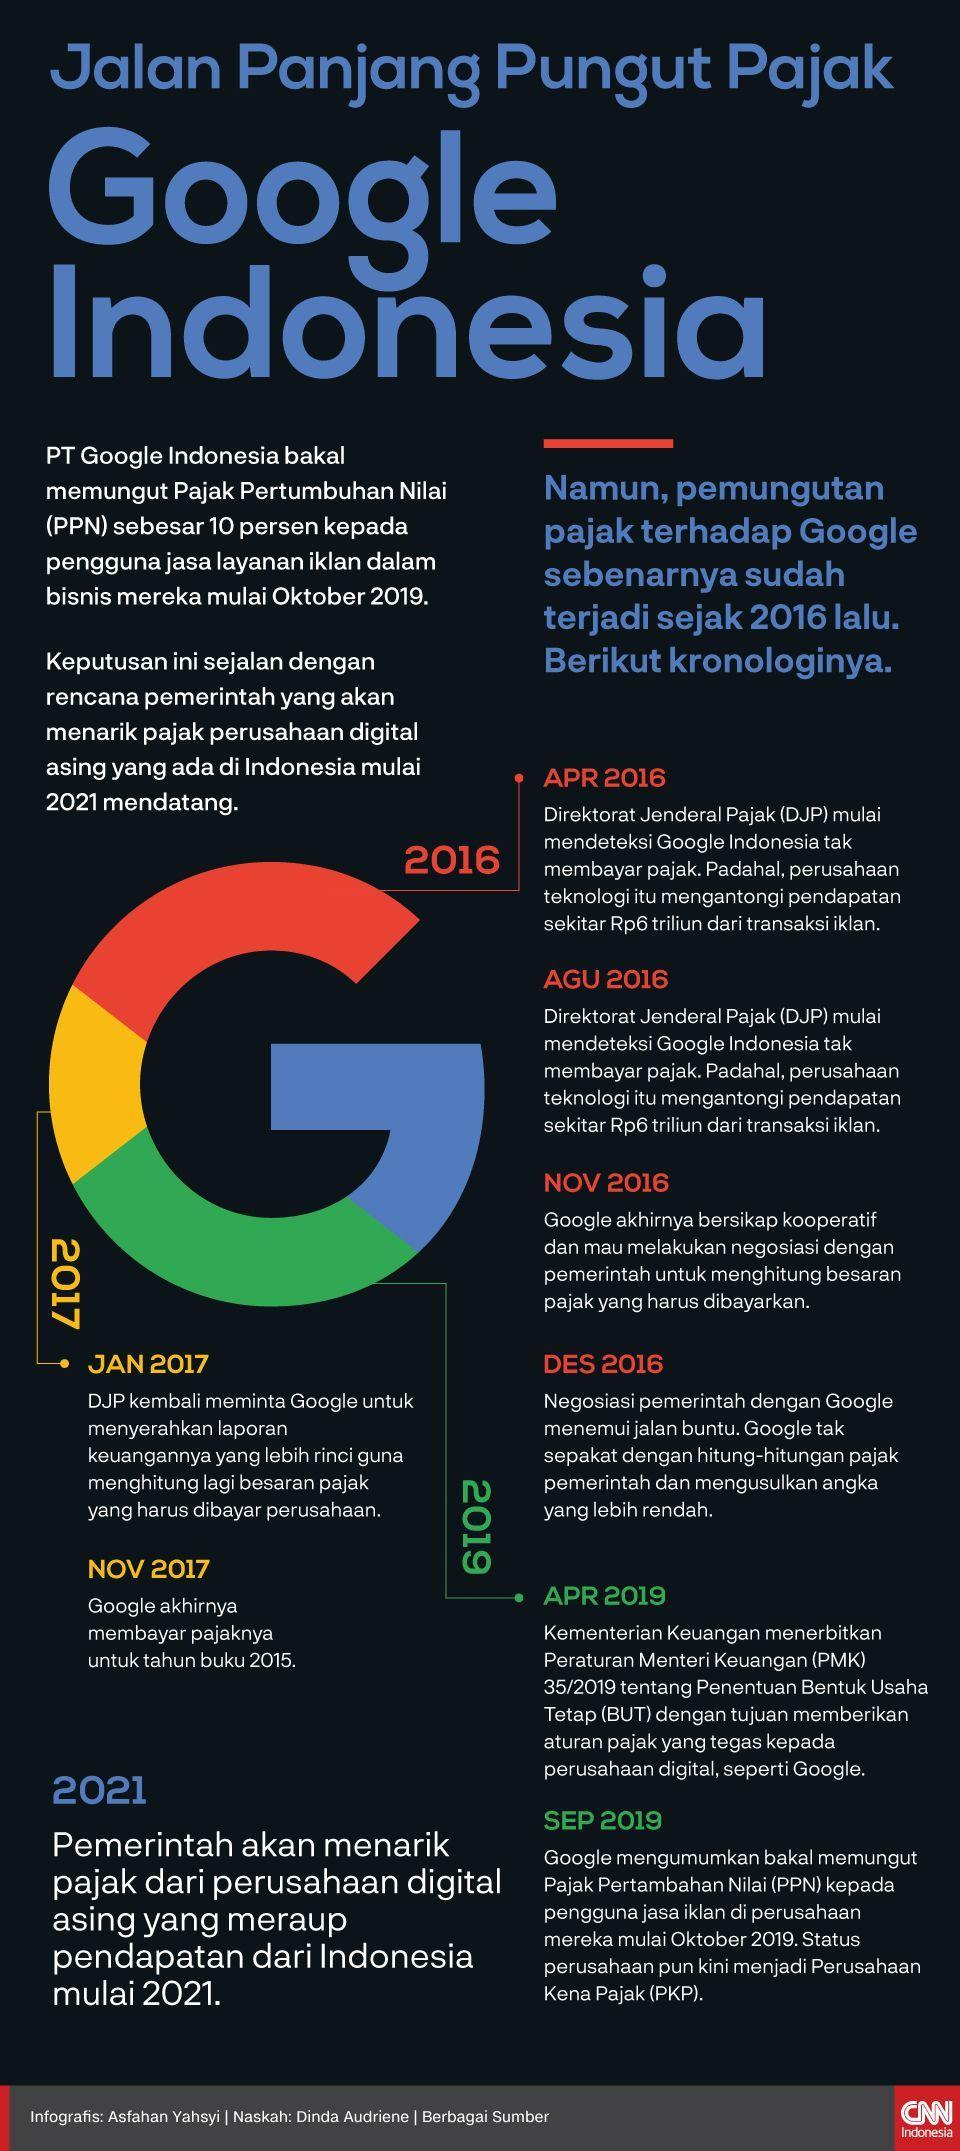 Infografis Jalan Panjang Pungut Pajak Google Indonesia